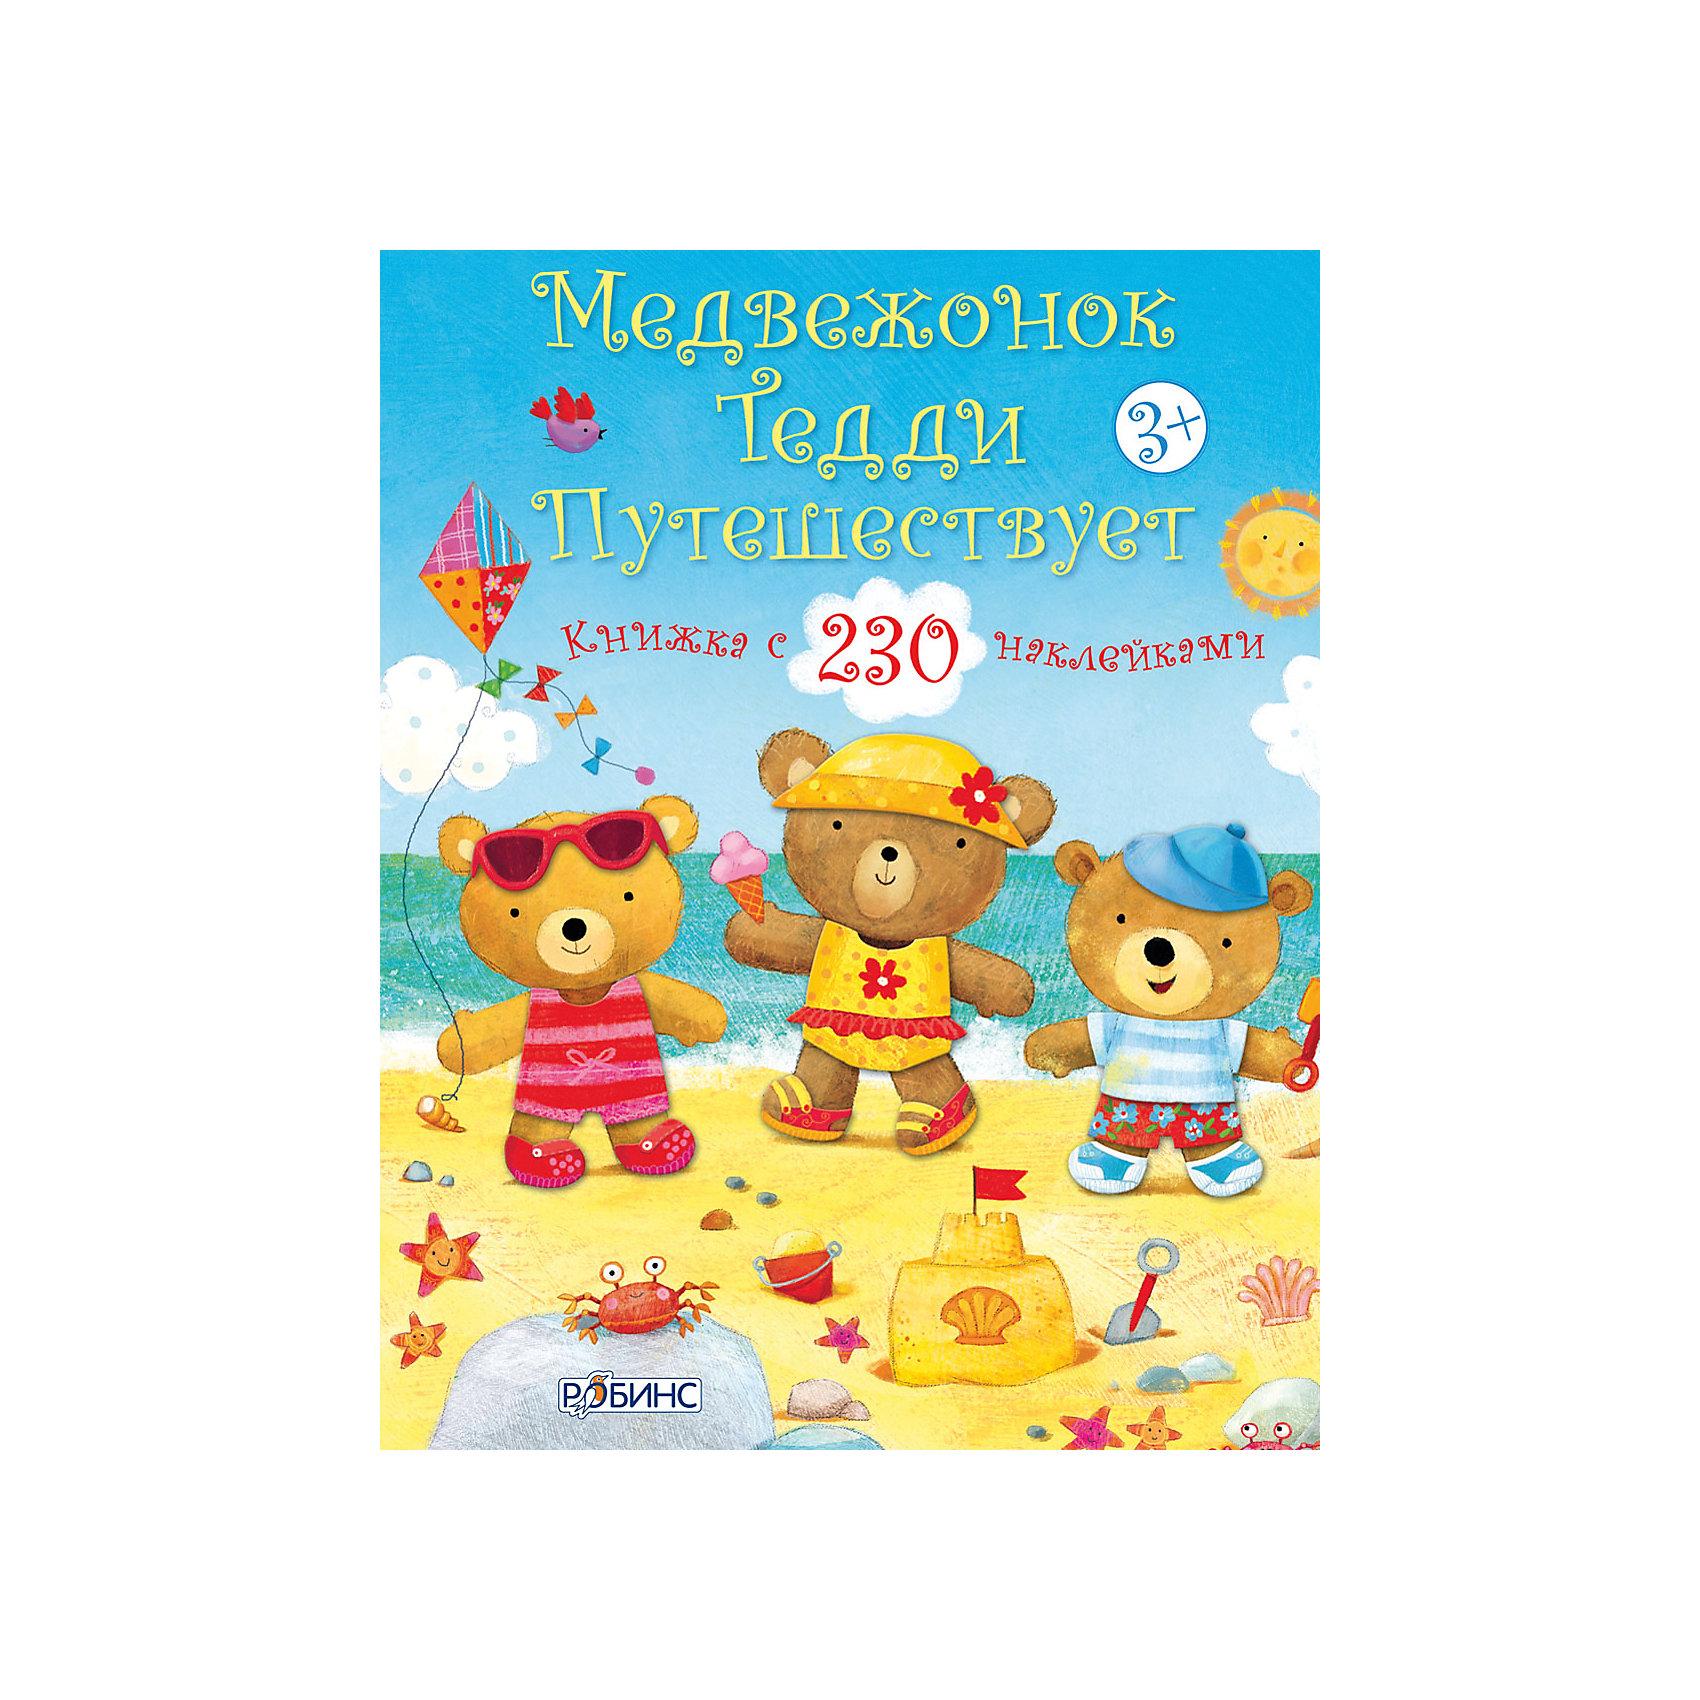 Книга с наклейками Медвежонок Тедди путешествуетКниги для девочек<br>Книга с наклейками Медвежонок Тедди путешествует – это книжка с наклейками о забавных медвежатах Тедди.<br>Книга с наклейками Медвежонок Тедди путешествует- это самое настоящее путешествие по разным местам, в которой с помощью 230 различных наклеек нужно подобрать соответствующую ситуации одежду для медвежат Тэдди. 4 забавных медвежонка Тедди - Ириска, Плюшка, Потап и Кузя - отправляются в летнее путешествие и попадают в разные жизненные ситуации: например, они пошли в поход с палатками, или медвежата решили отдохнуть около бассейна, или погулять в парке, и, конечно же, в конце концов они попадают на море. Что нужно одеть для прогулки в парке, какую одежду выбрать похода, или какие вещи просто необходимо взять с собой на море? Внутри вы найдете 8 листов с наклейками, с помощью которых можно подобрать костюмы для медвежат. Важно подобрать костюмы правильно и приклеить наклейки в нужные места. Яркие, крупные иллюстрации и много-много-много наклеек.<br><br>Дополнительная информация:<br><br>- Более 230 многоразовых наклеек и самые разные темы: В поход; В бассейне ; Играем в парке; На море; Парк аттракционов; День на озере; Веселые фотографии<br>- Автор: Фелисити Брукс<br>- Иллюстратор: Аг Ятковска<br>- Серия: Медвежонок Тедди<br>- Издательство: Робинс<br>- Переплет: мягкая обложка<br>- Иллюстрации: цветные<br>- Количество страниц: 24<br>- Бумага: мелованная<br>- Размер: 278 х 215 х 25 мм.<br>- Вес: 162 гр.<br><br>Книгу с наклейками Медвежонок Тедди путешествует можно купить в нашем интернет-магазине.<br><br>Ширина мм: 278<br>Глубина мм: 215<br>Высота мм: 25<br>Вес г: 162<br>Возраст от месяцев: 36<br>Возраст до месяцев: 108<br>Пол: Унисекс<br>Возраст: Детский<br>SKU: 4050230